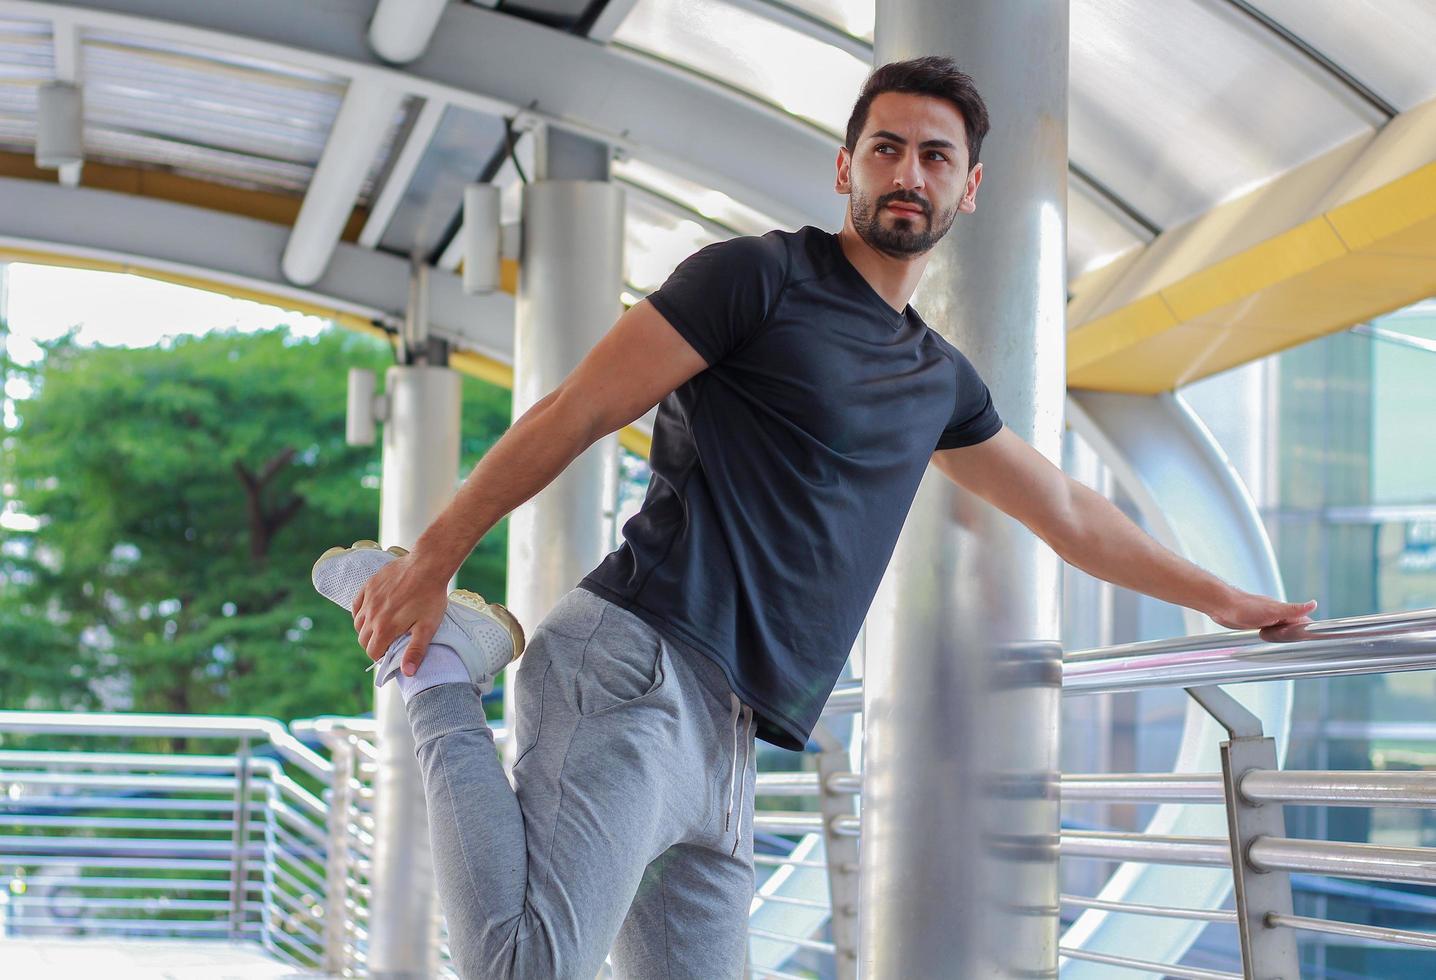 Der hübsche junge Mann trägt Sportbekleidung und trainiert im Freien foto